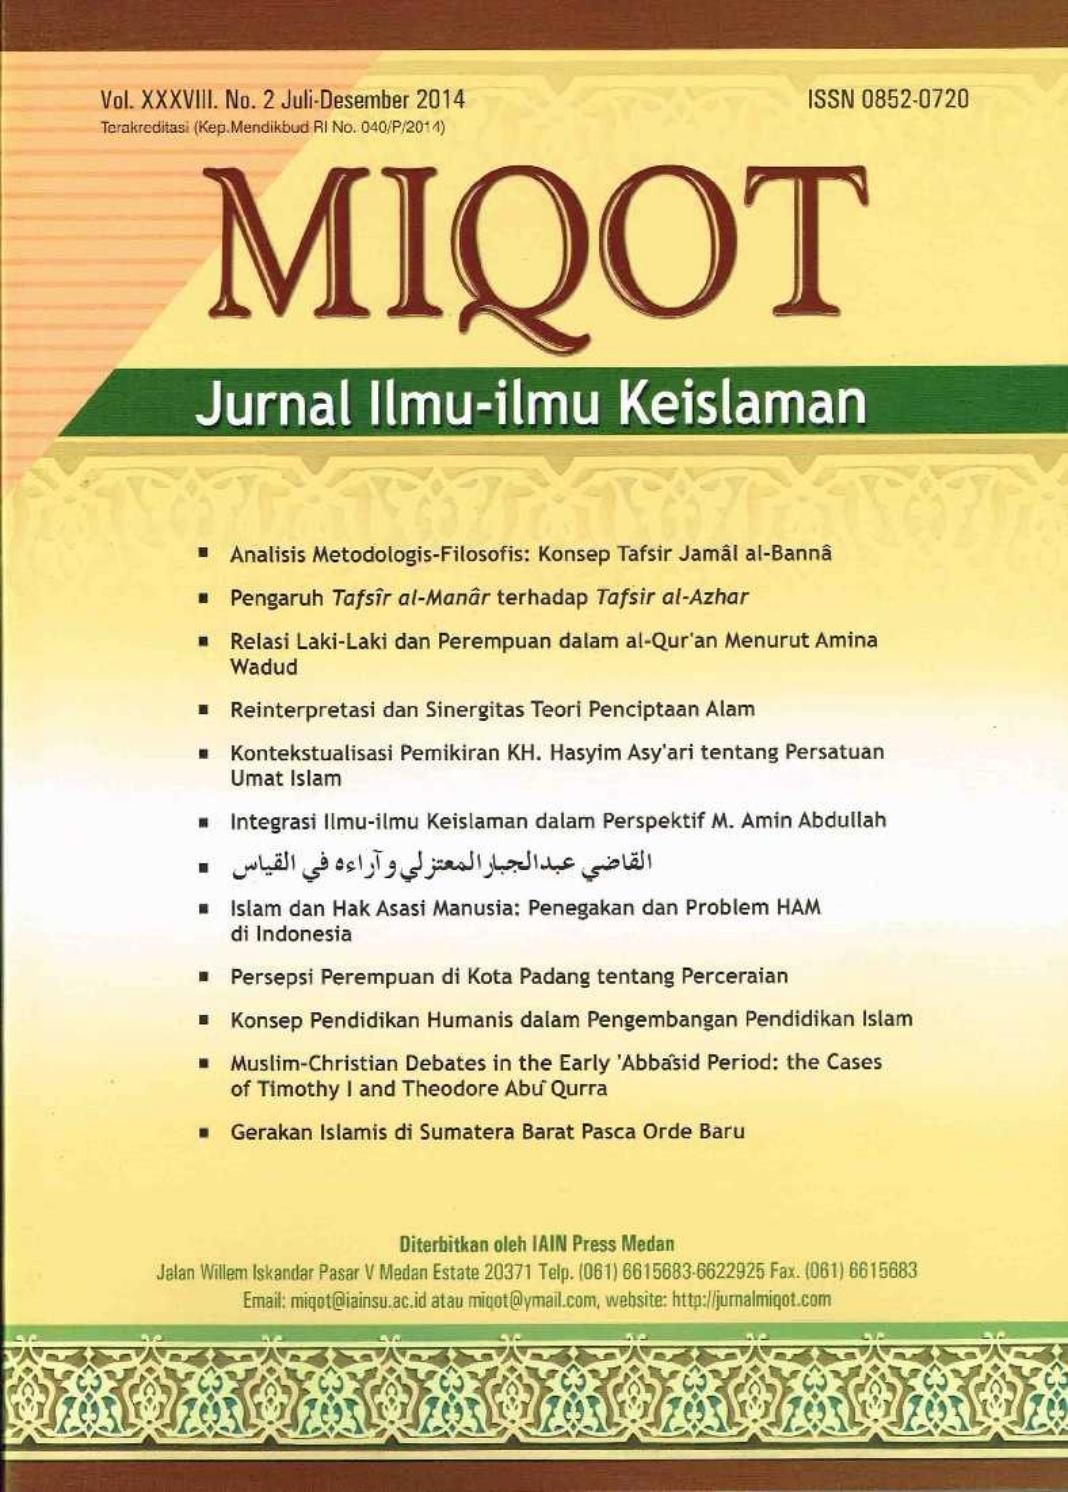 Miqot Xxxviii No 2 Juli Desember 2014 By Miqot Jurnal Ilmu Ilmu